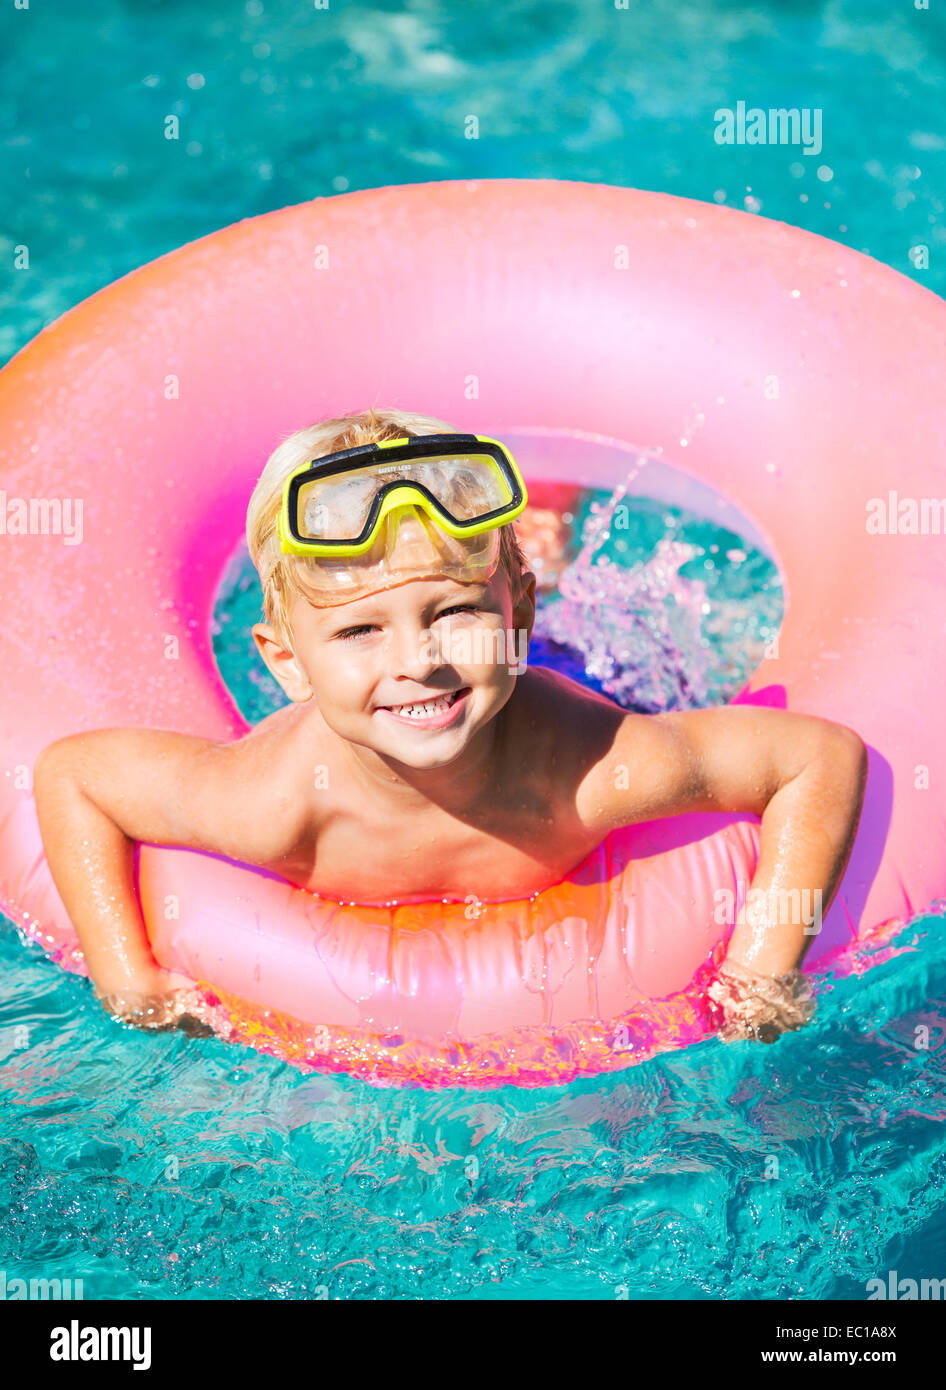 Jeune garçon s'amusant dans la piscine sur le tube intérieur radeau. Plaisir de vacances d'été. Photo Stock